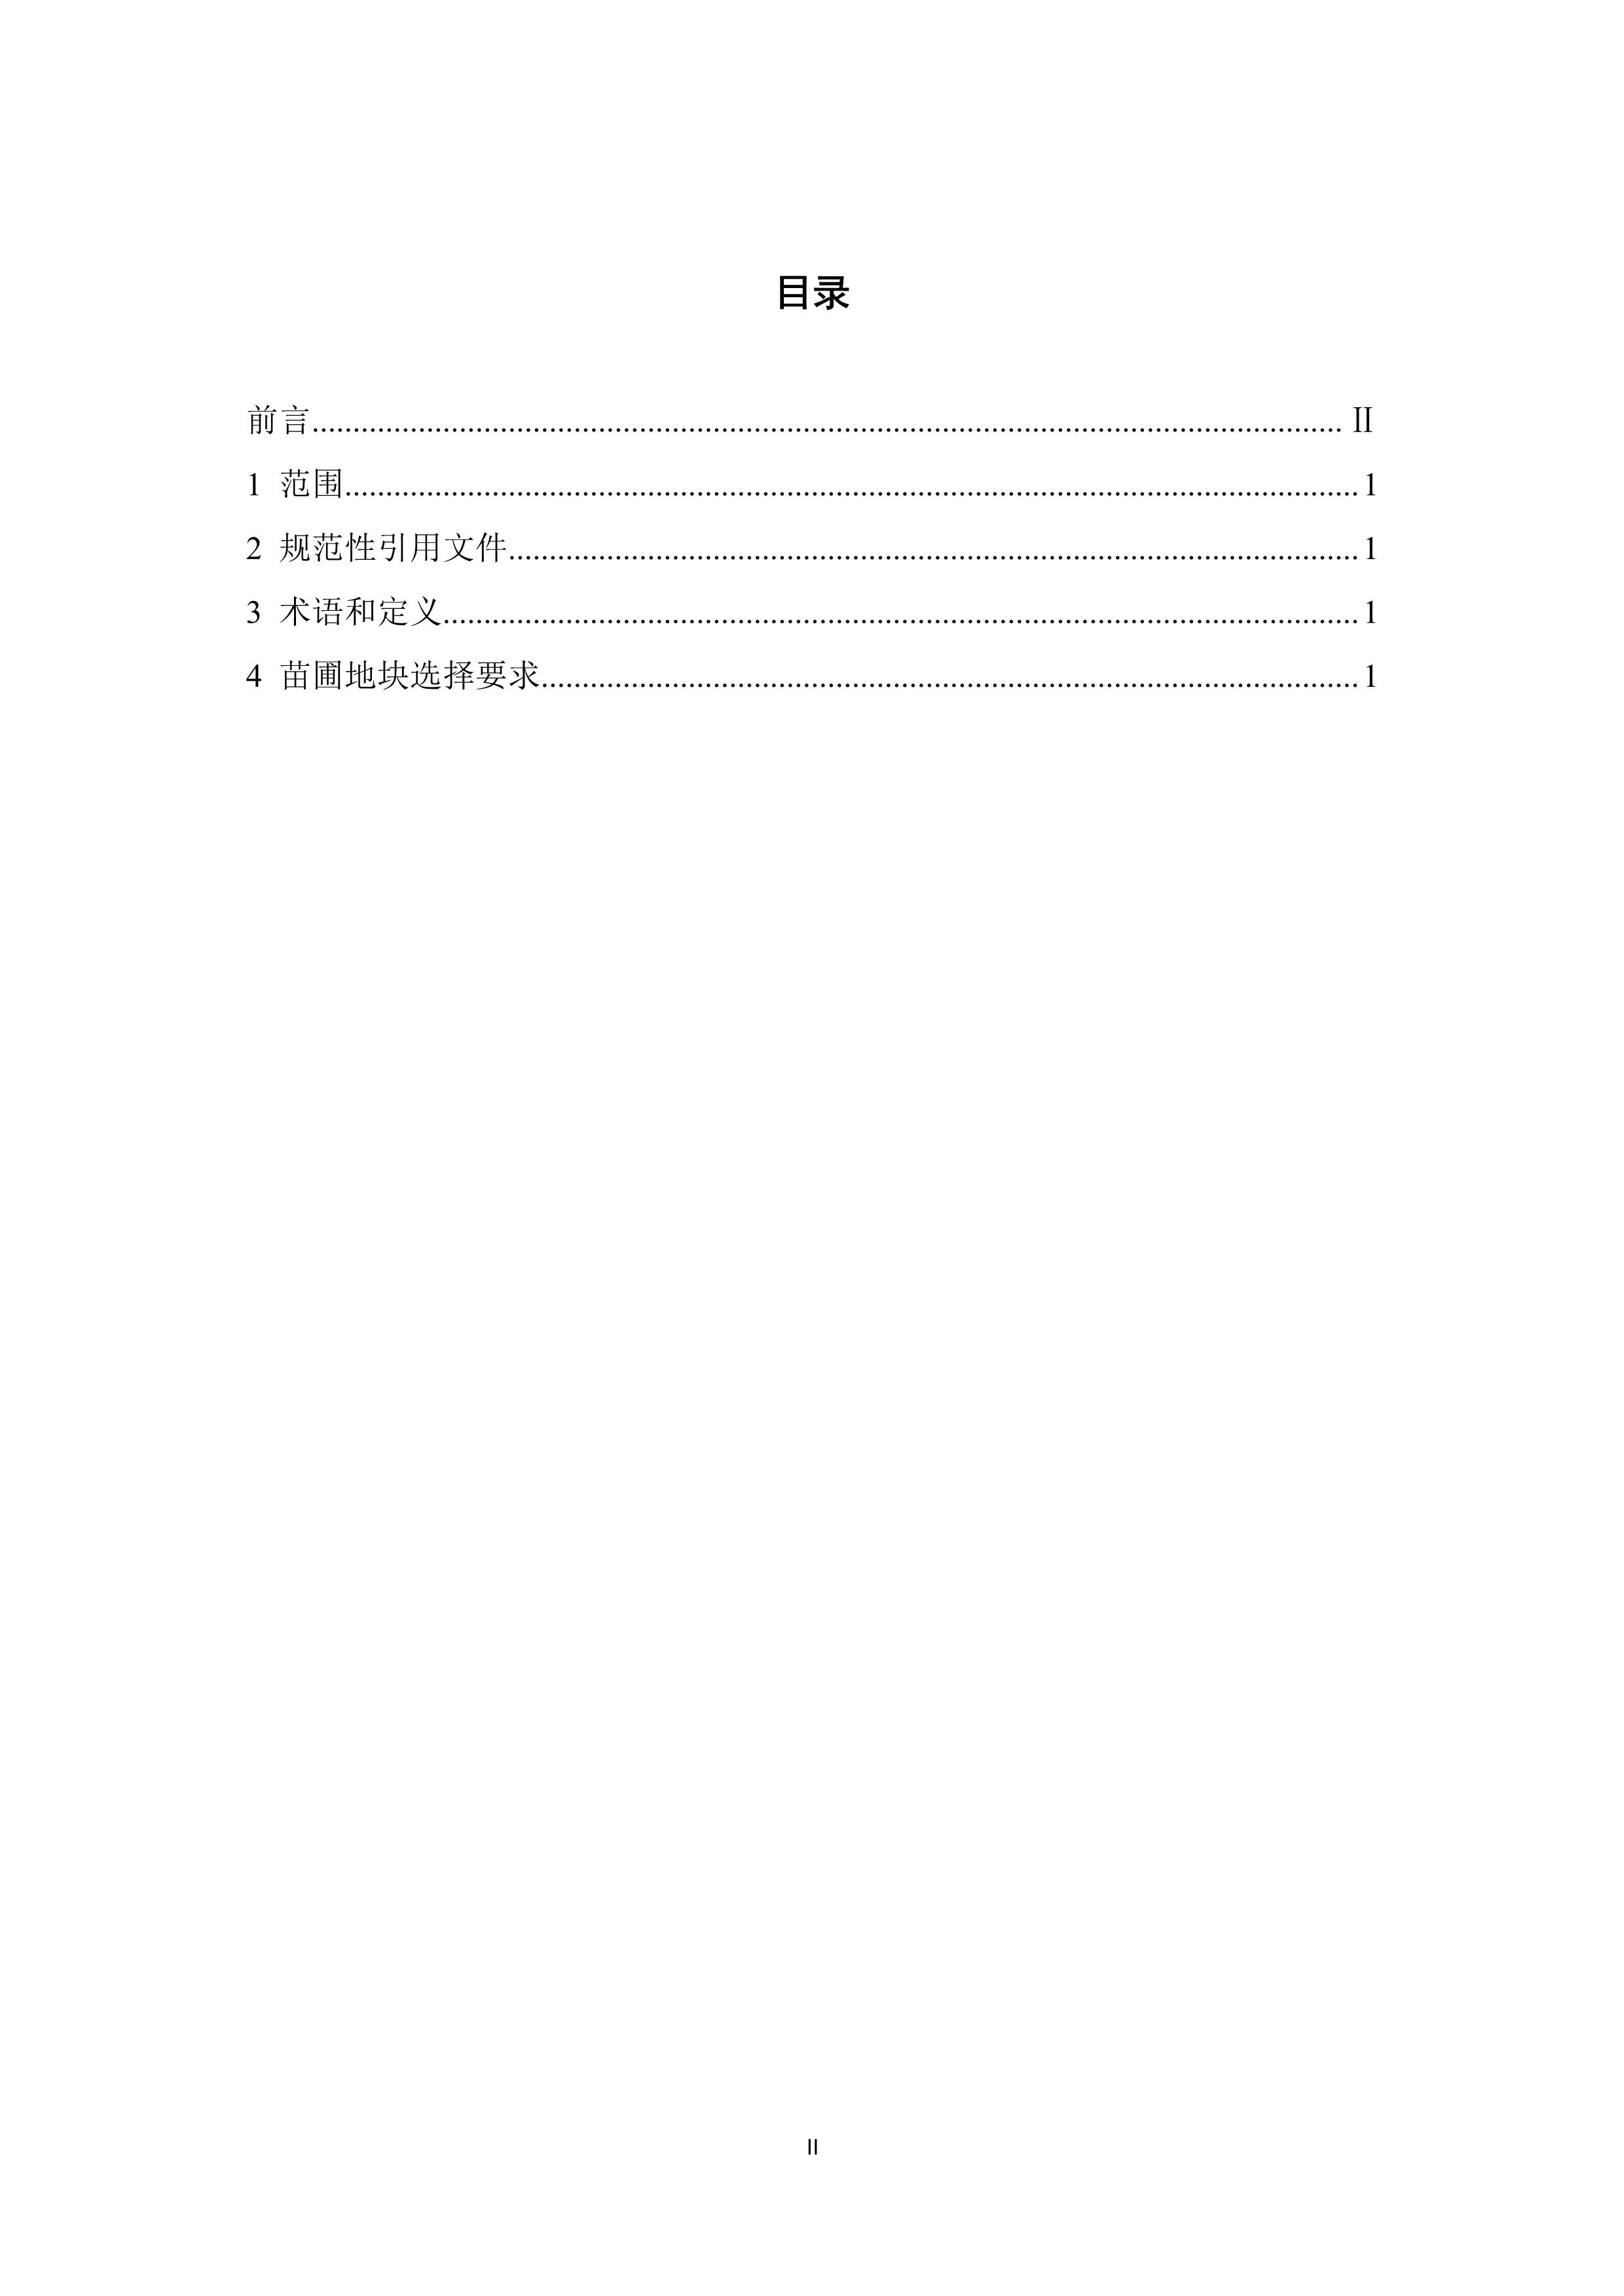 红豆杉育苗地块选择技术规程_2.png